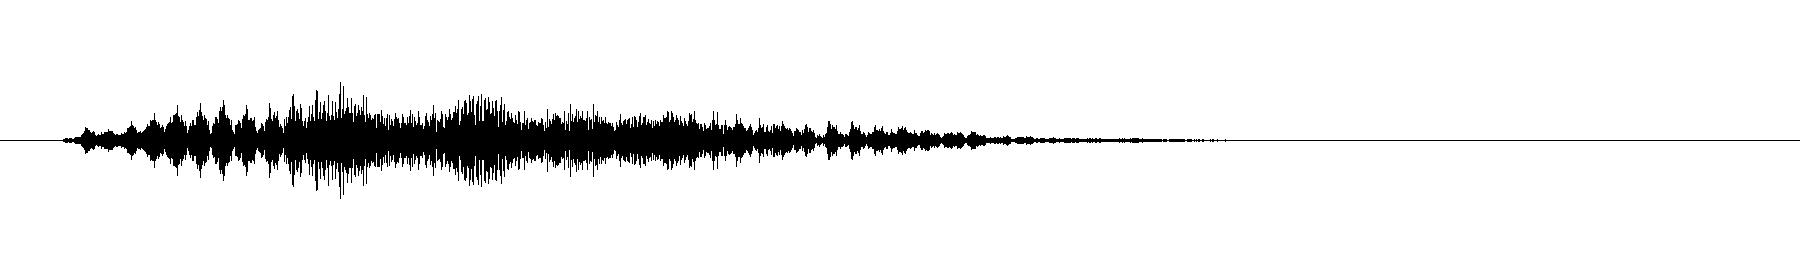 vocoder 1   9